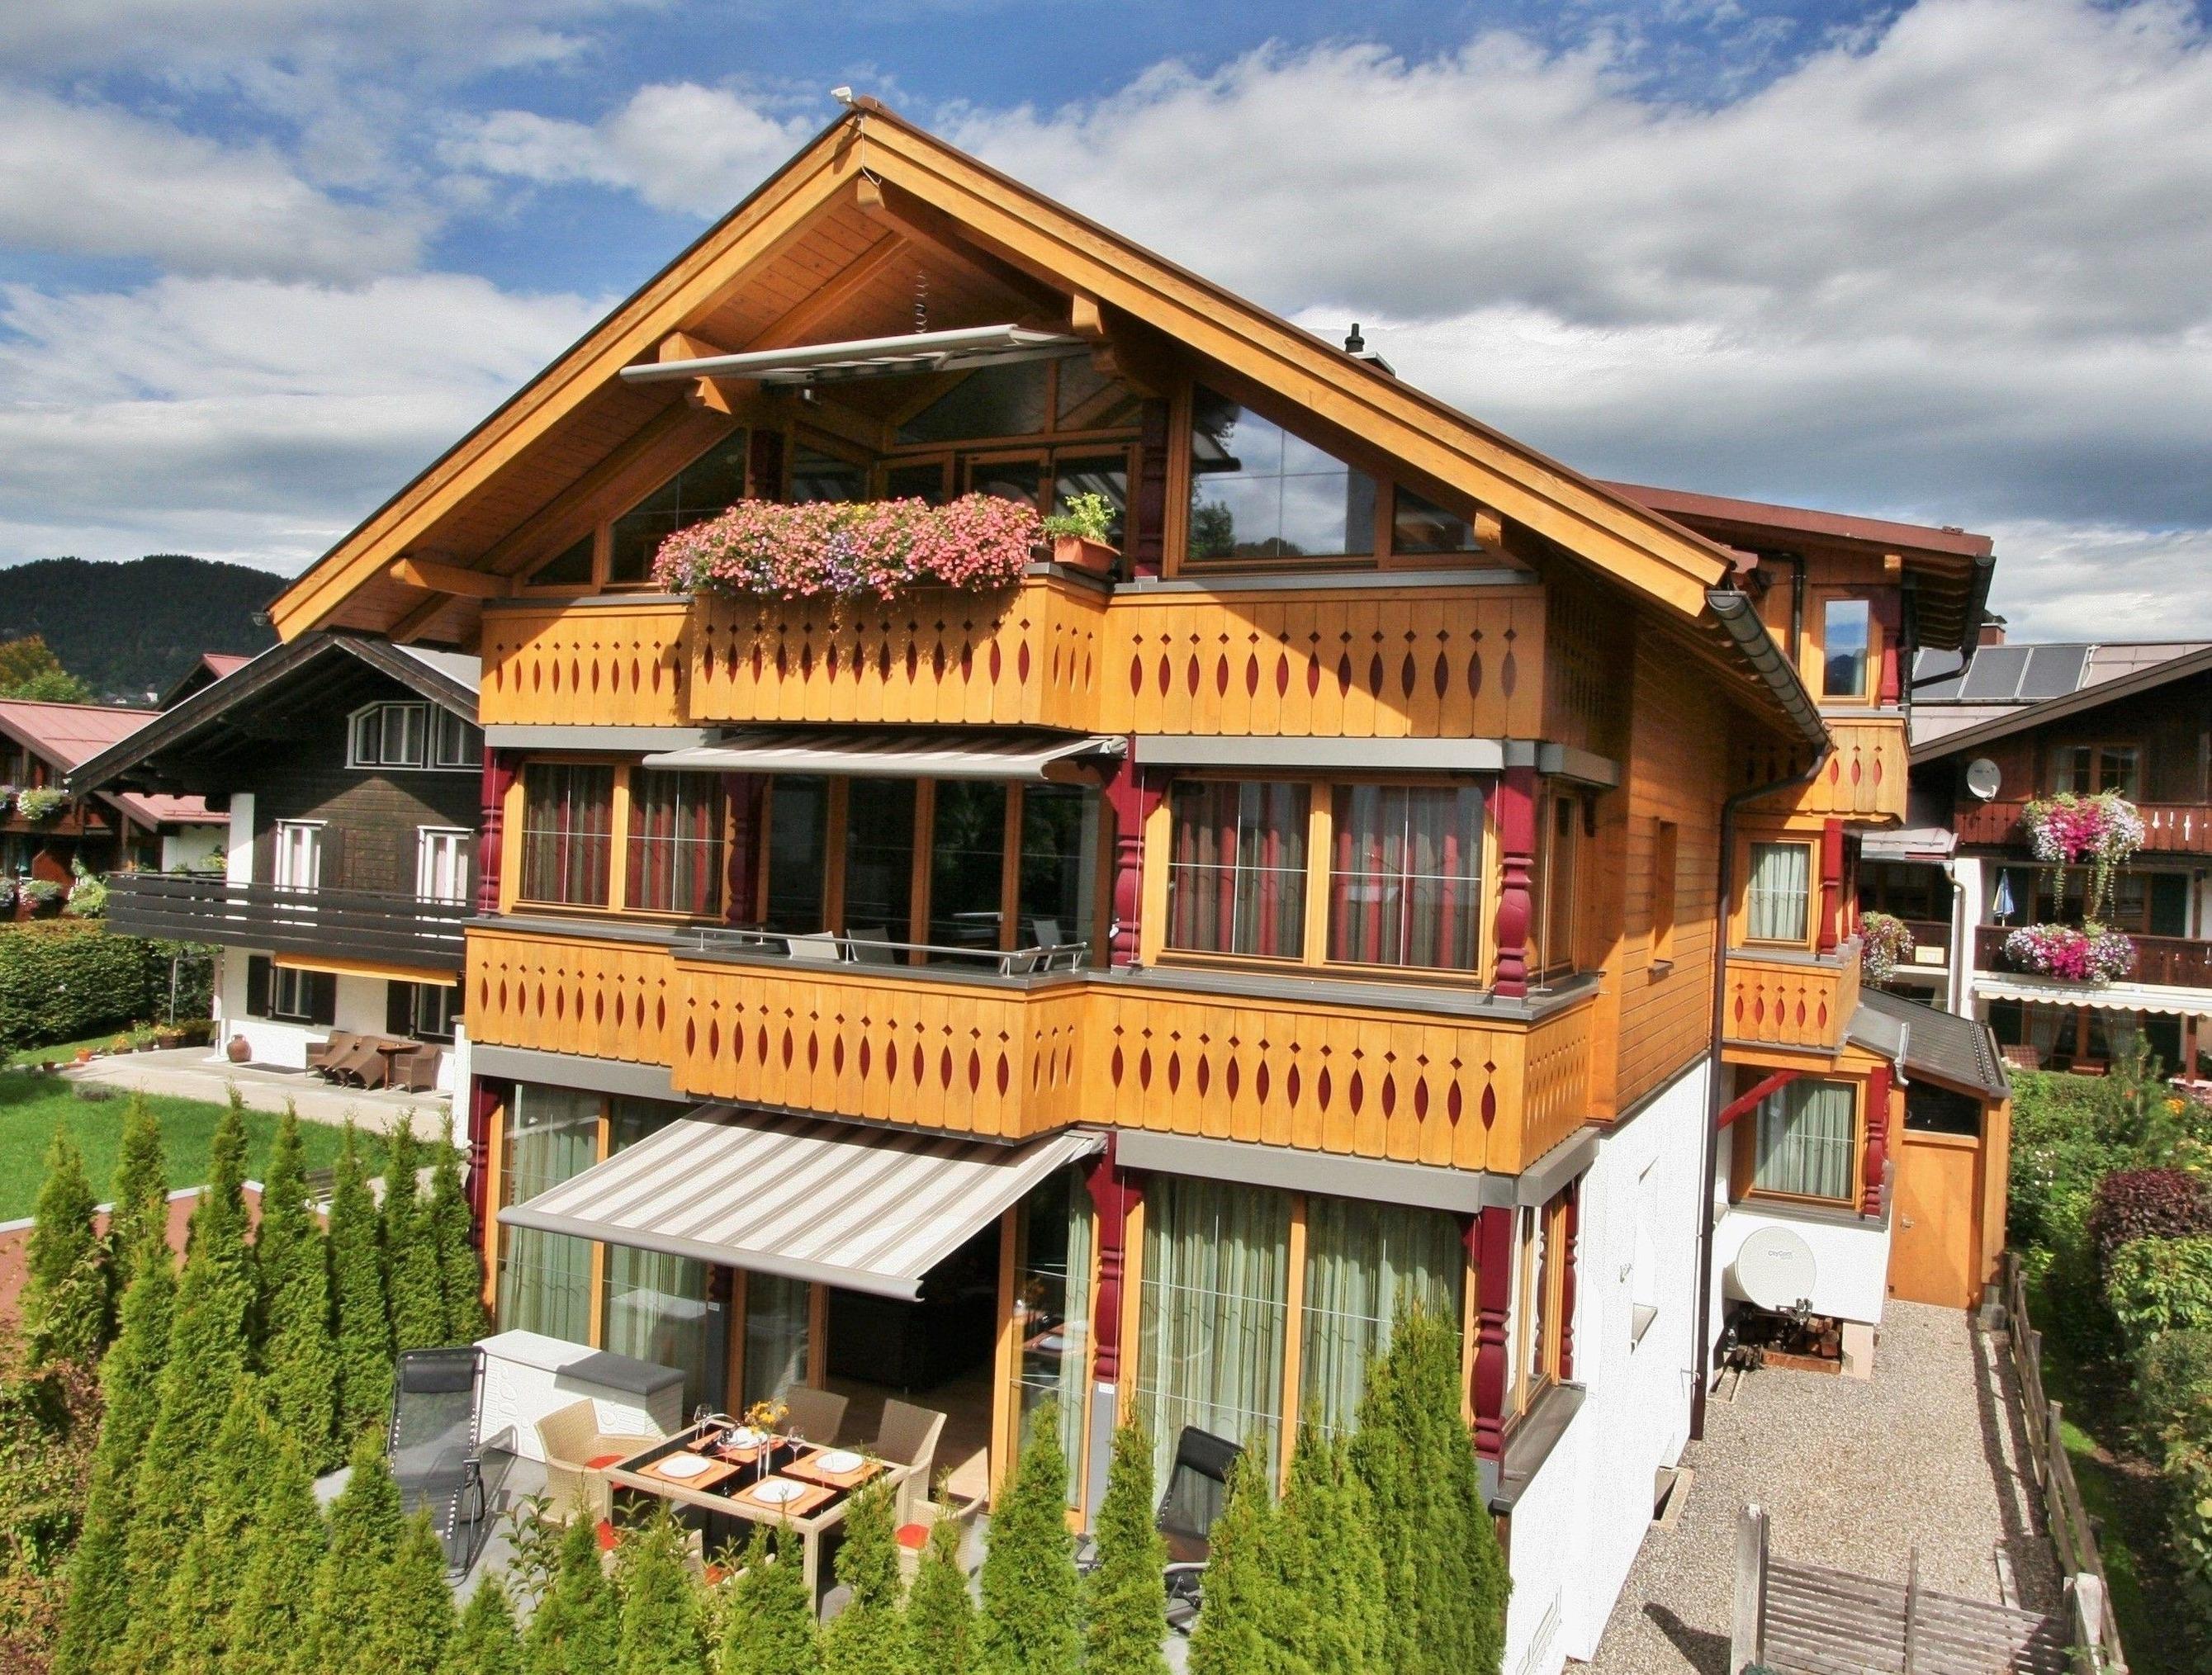 Landhaus Alpenflair Whg 310 Ferienwohnung im Allgäu